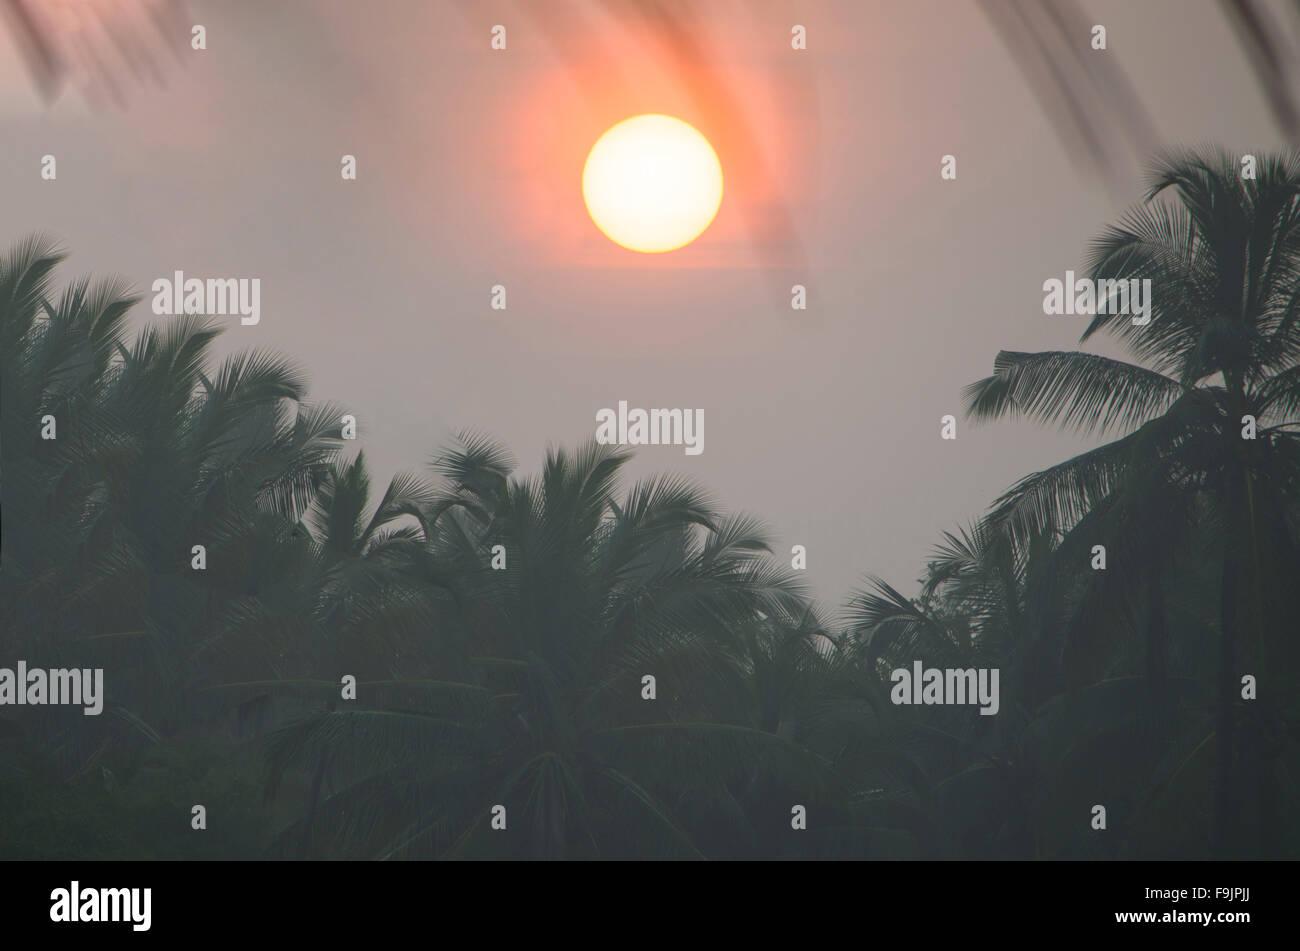 Lever du soleil paysage dans le brouillard contre un contour foncé de palmiers et de feuilles, un paysage, Photo Stock